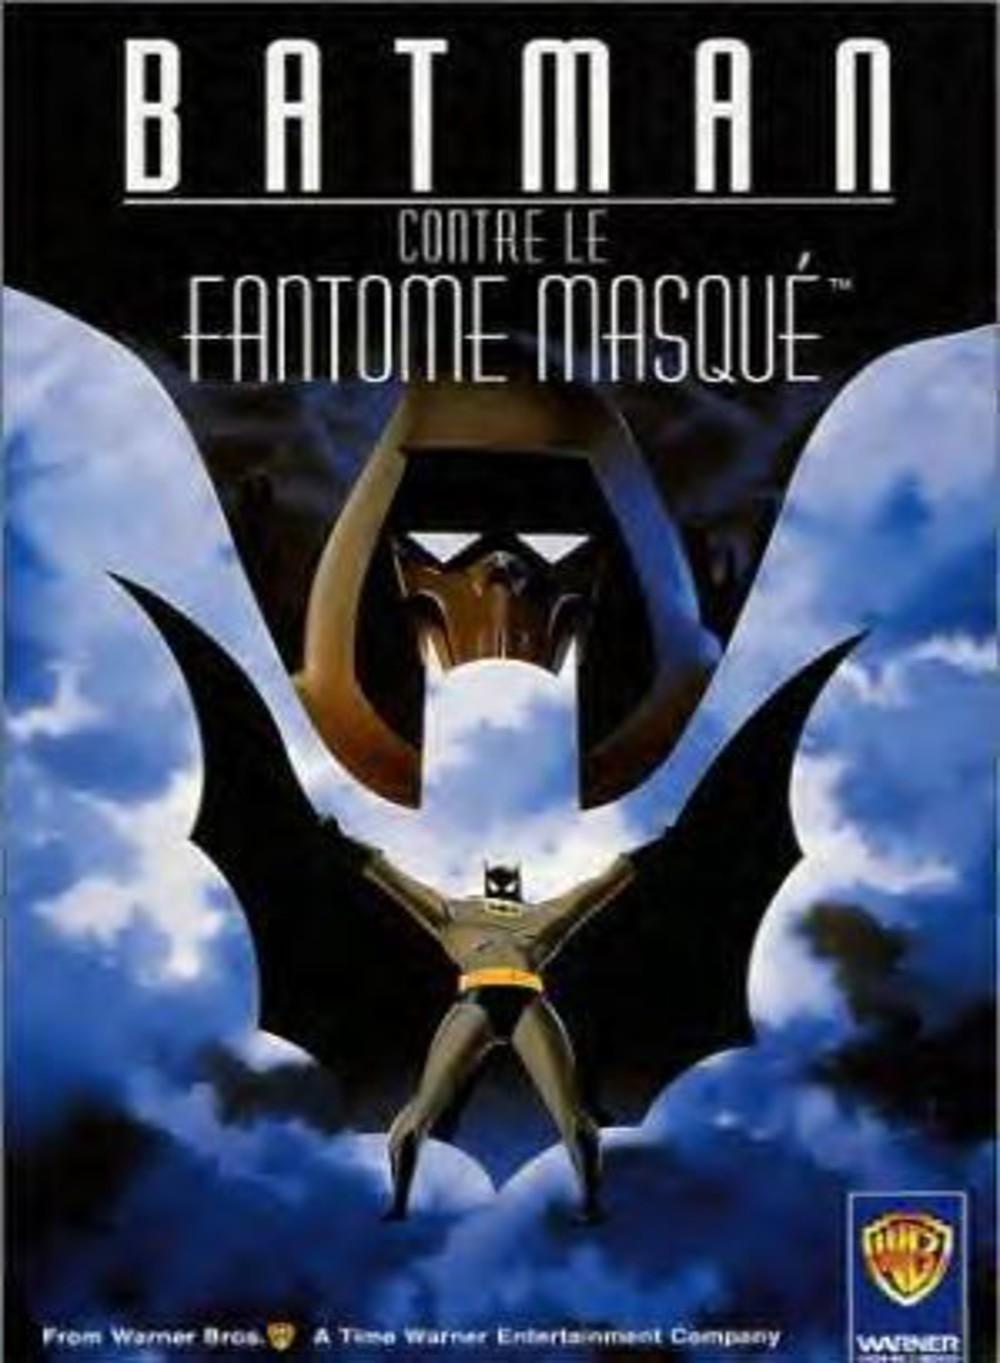 affiche du film Batman contre le fantôme masqué